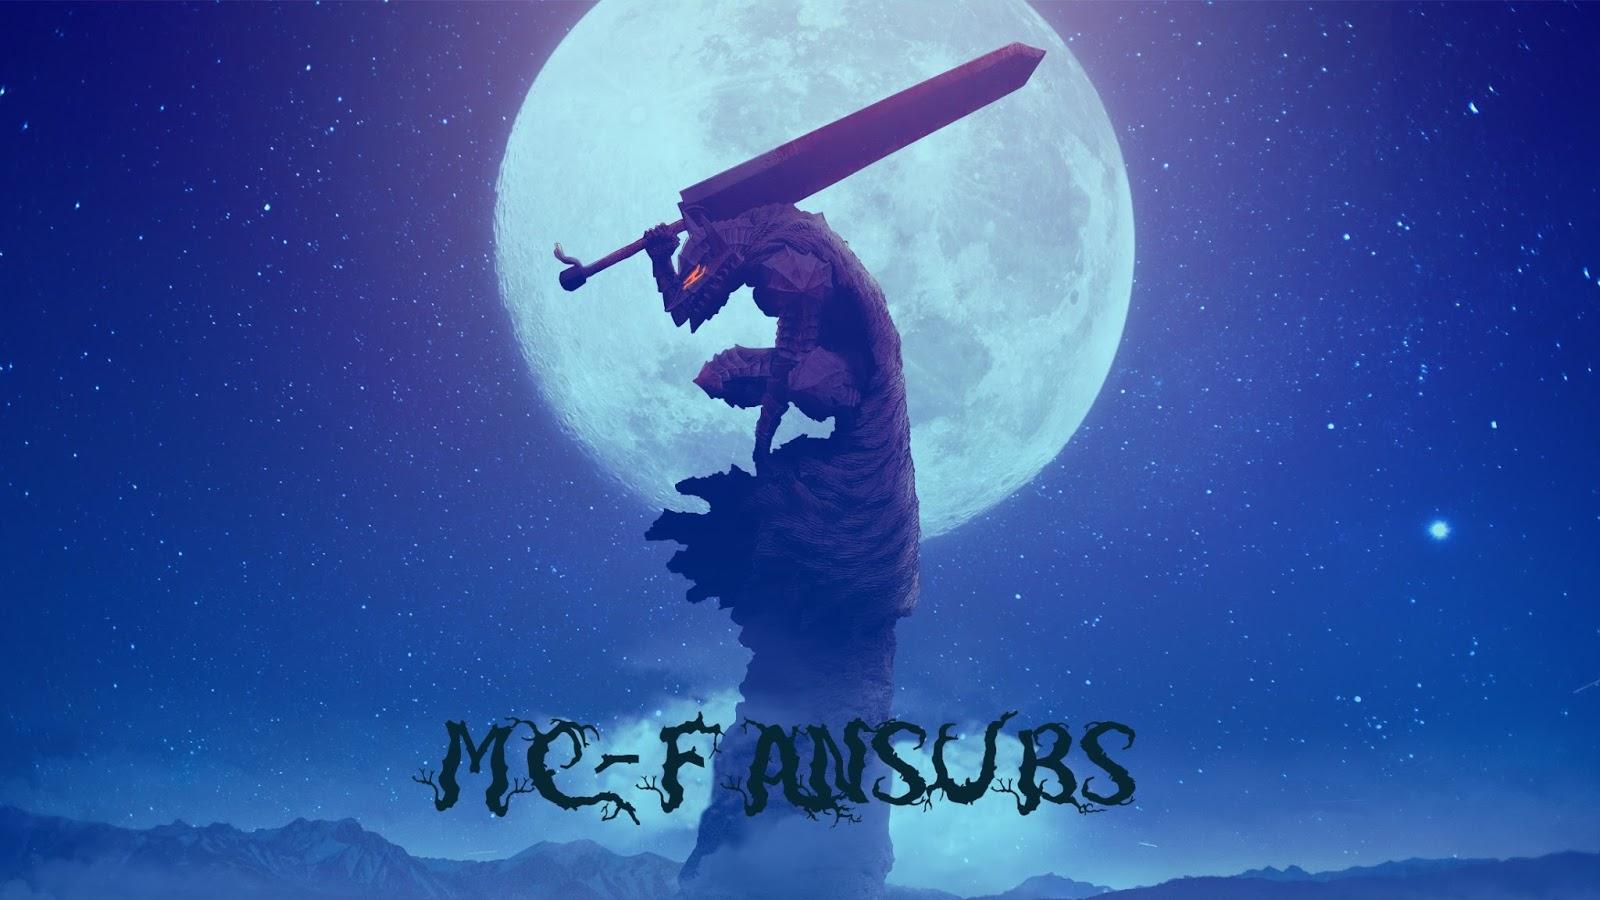 MCFANSUB